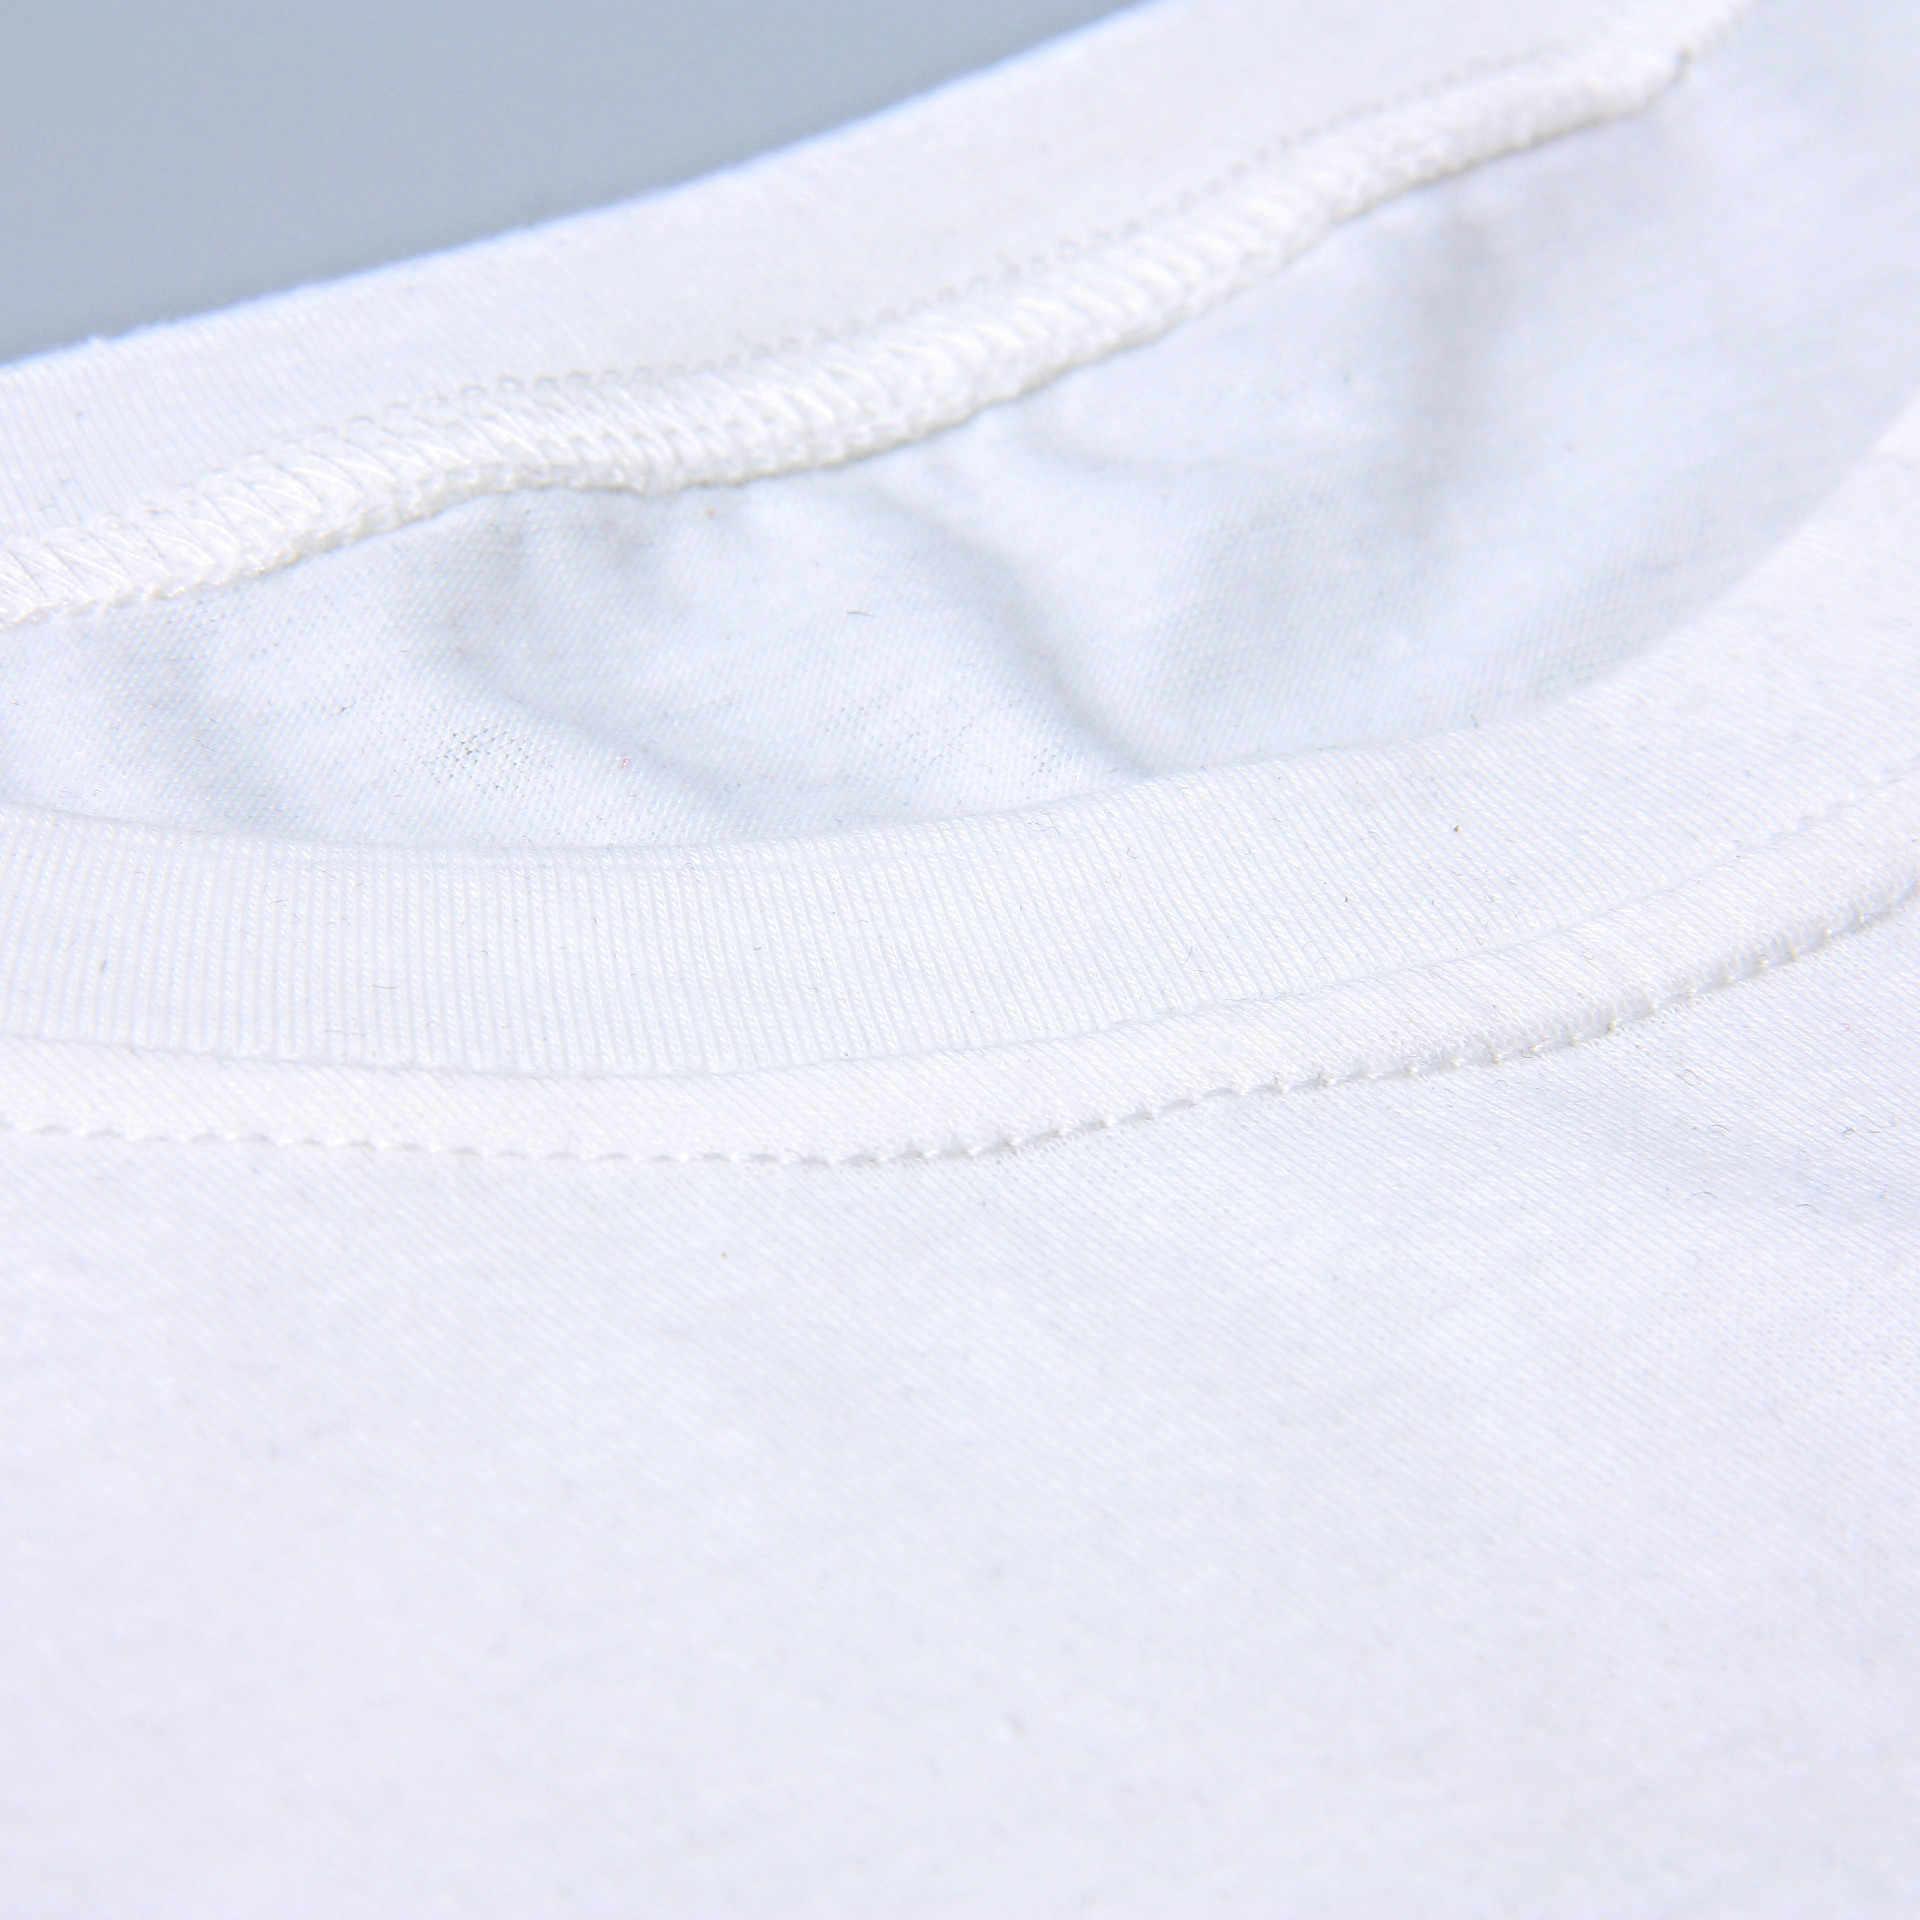 Non Crescono Up È UNA Trappola Della Stampa Della Lettera T Shirt Donna Manica Corta O Collo della Maglietta Allentata 2020 donne di Modo di estate Tee Shirt Magliette e camicette